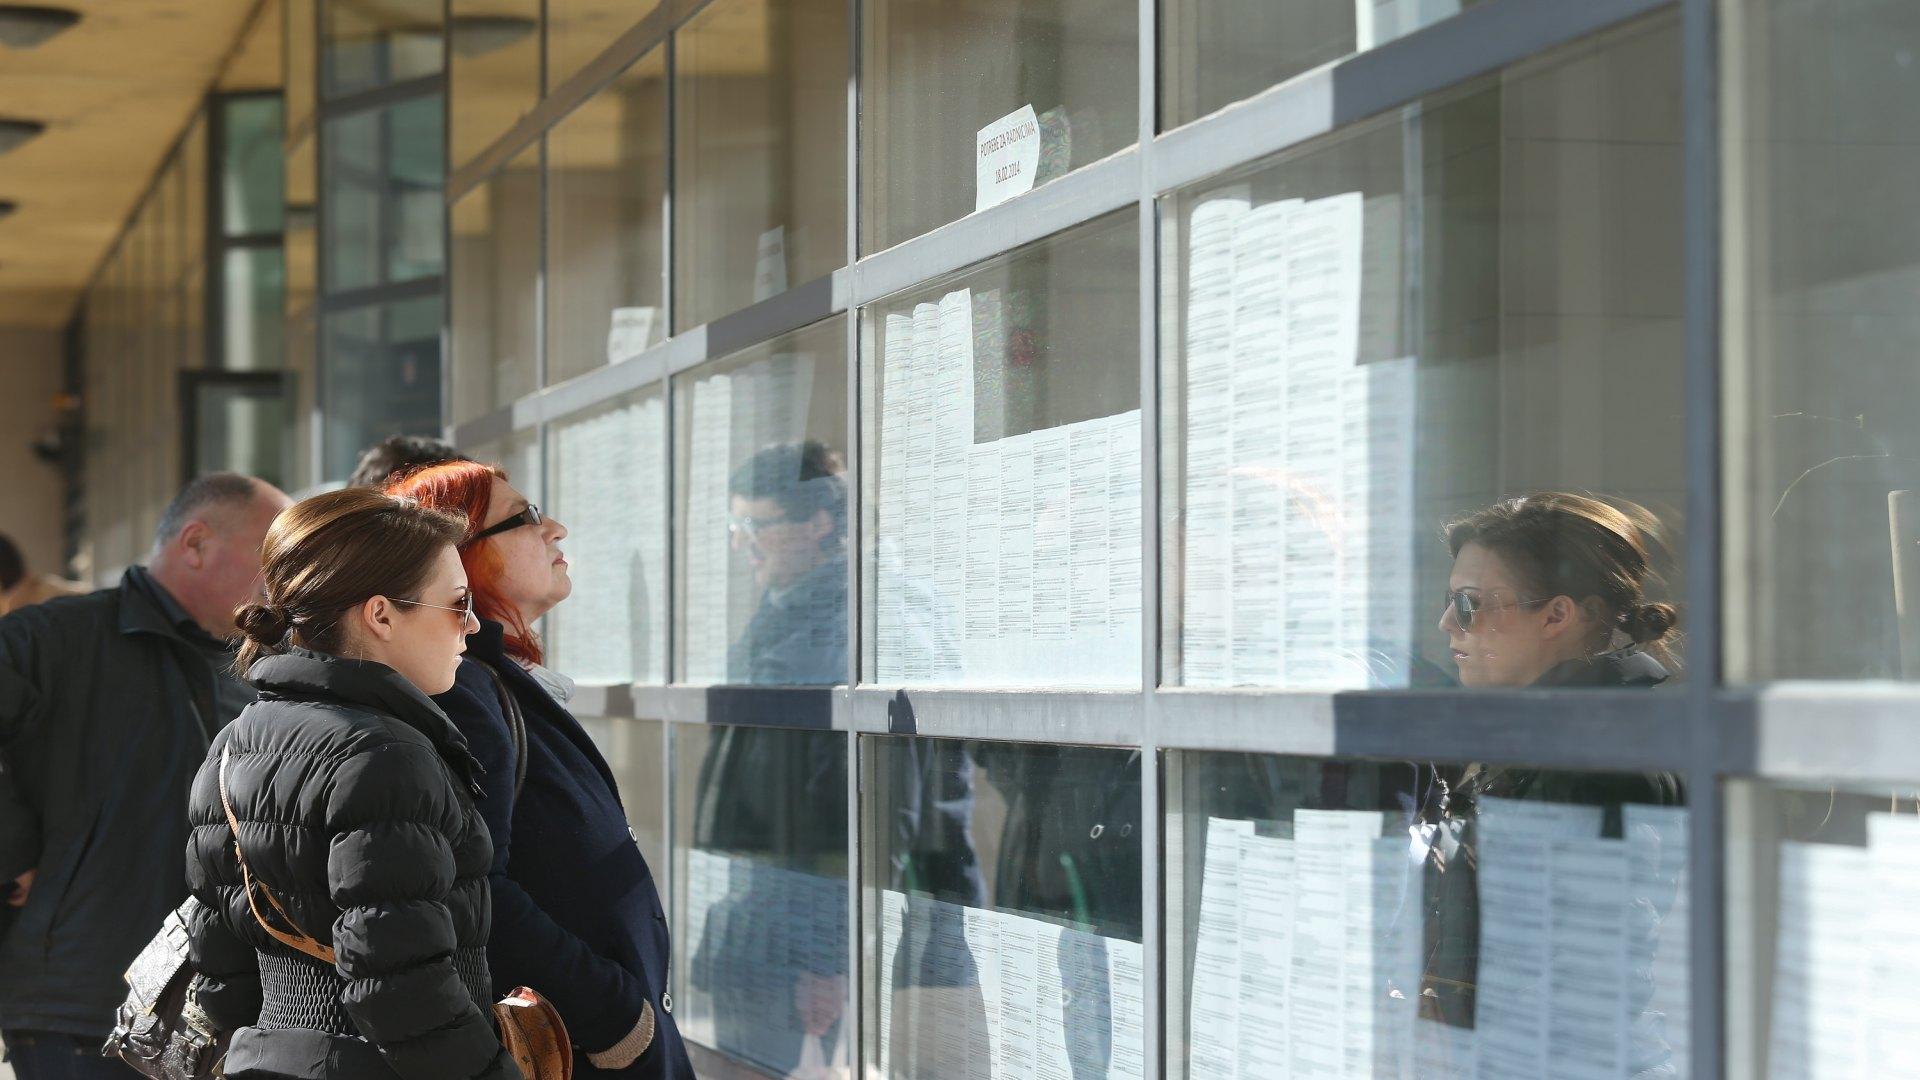 LOŠ TREND: Nezaposlenost u Hrvatskoj blago porasla u studenom, u EU blago smanjena